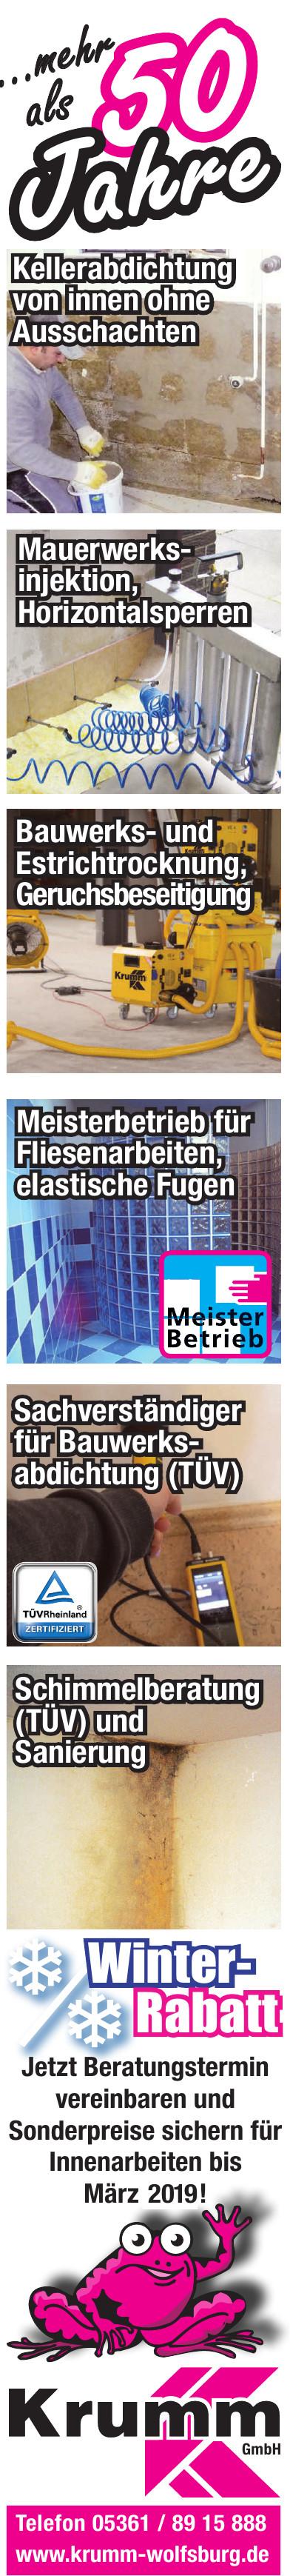 Krumm GmbH - Abdichtungen & Sanierungen